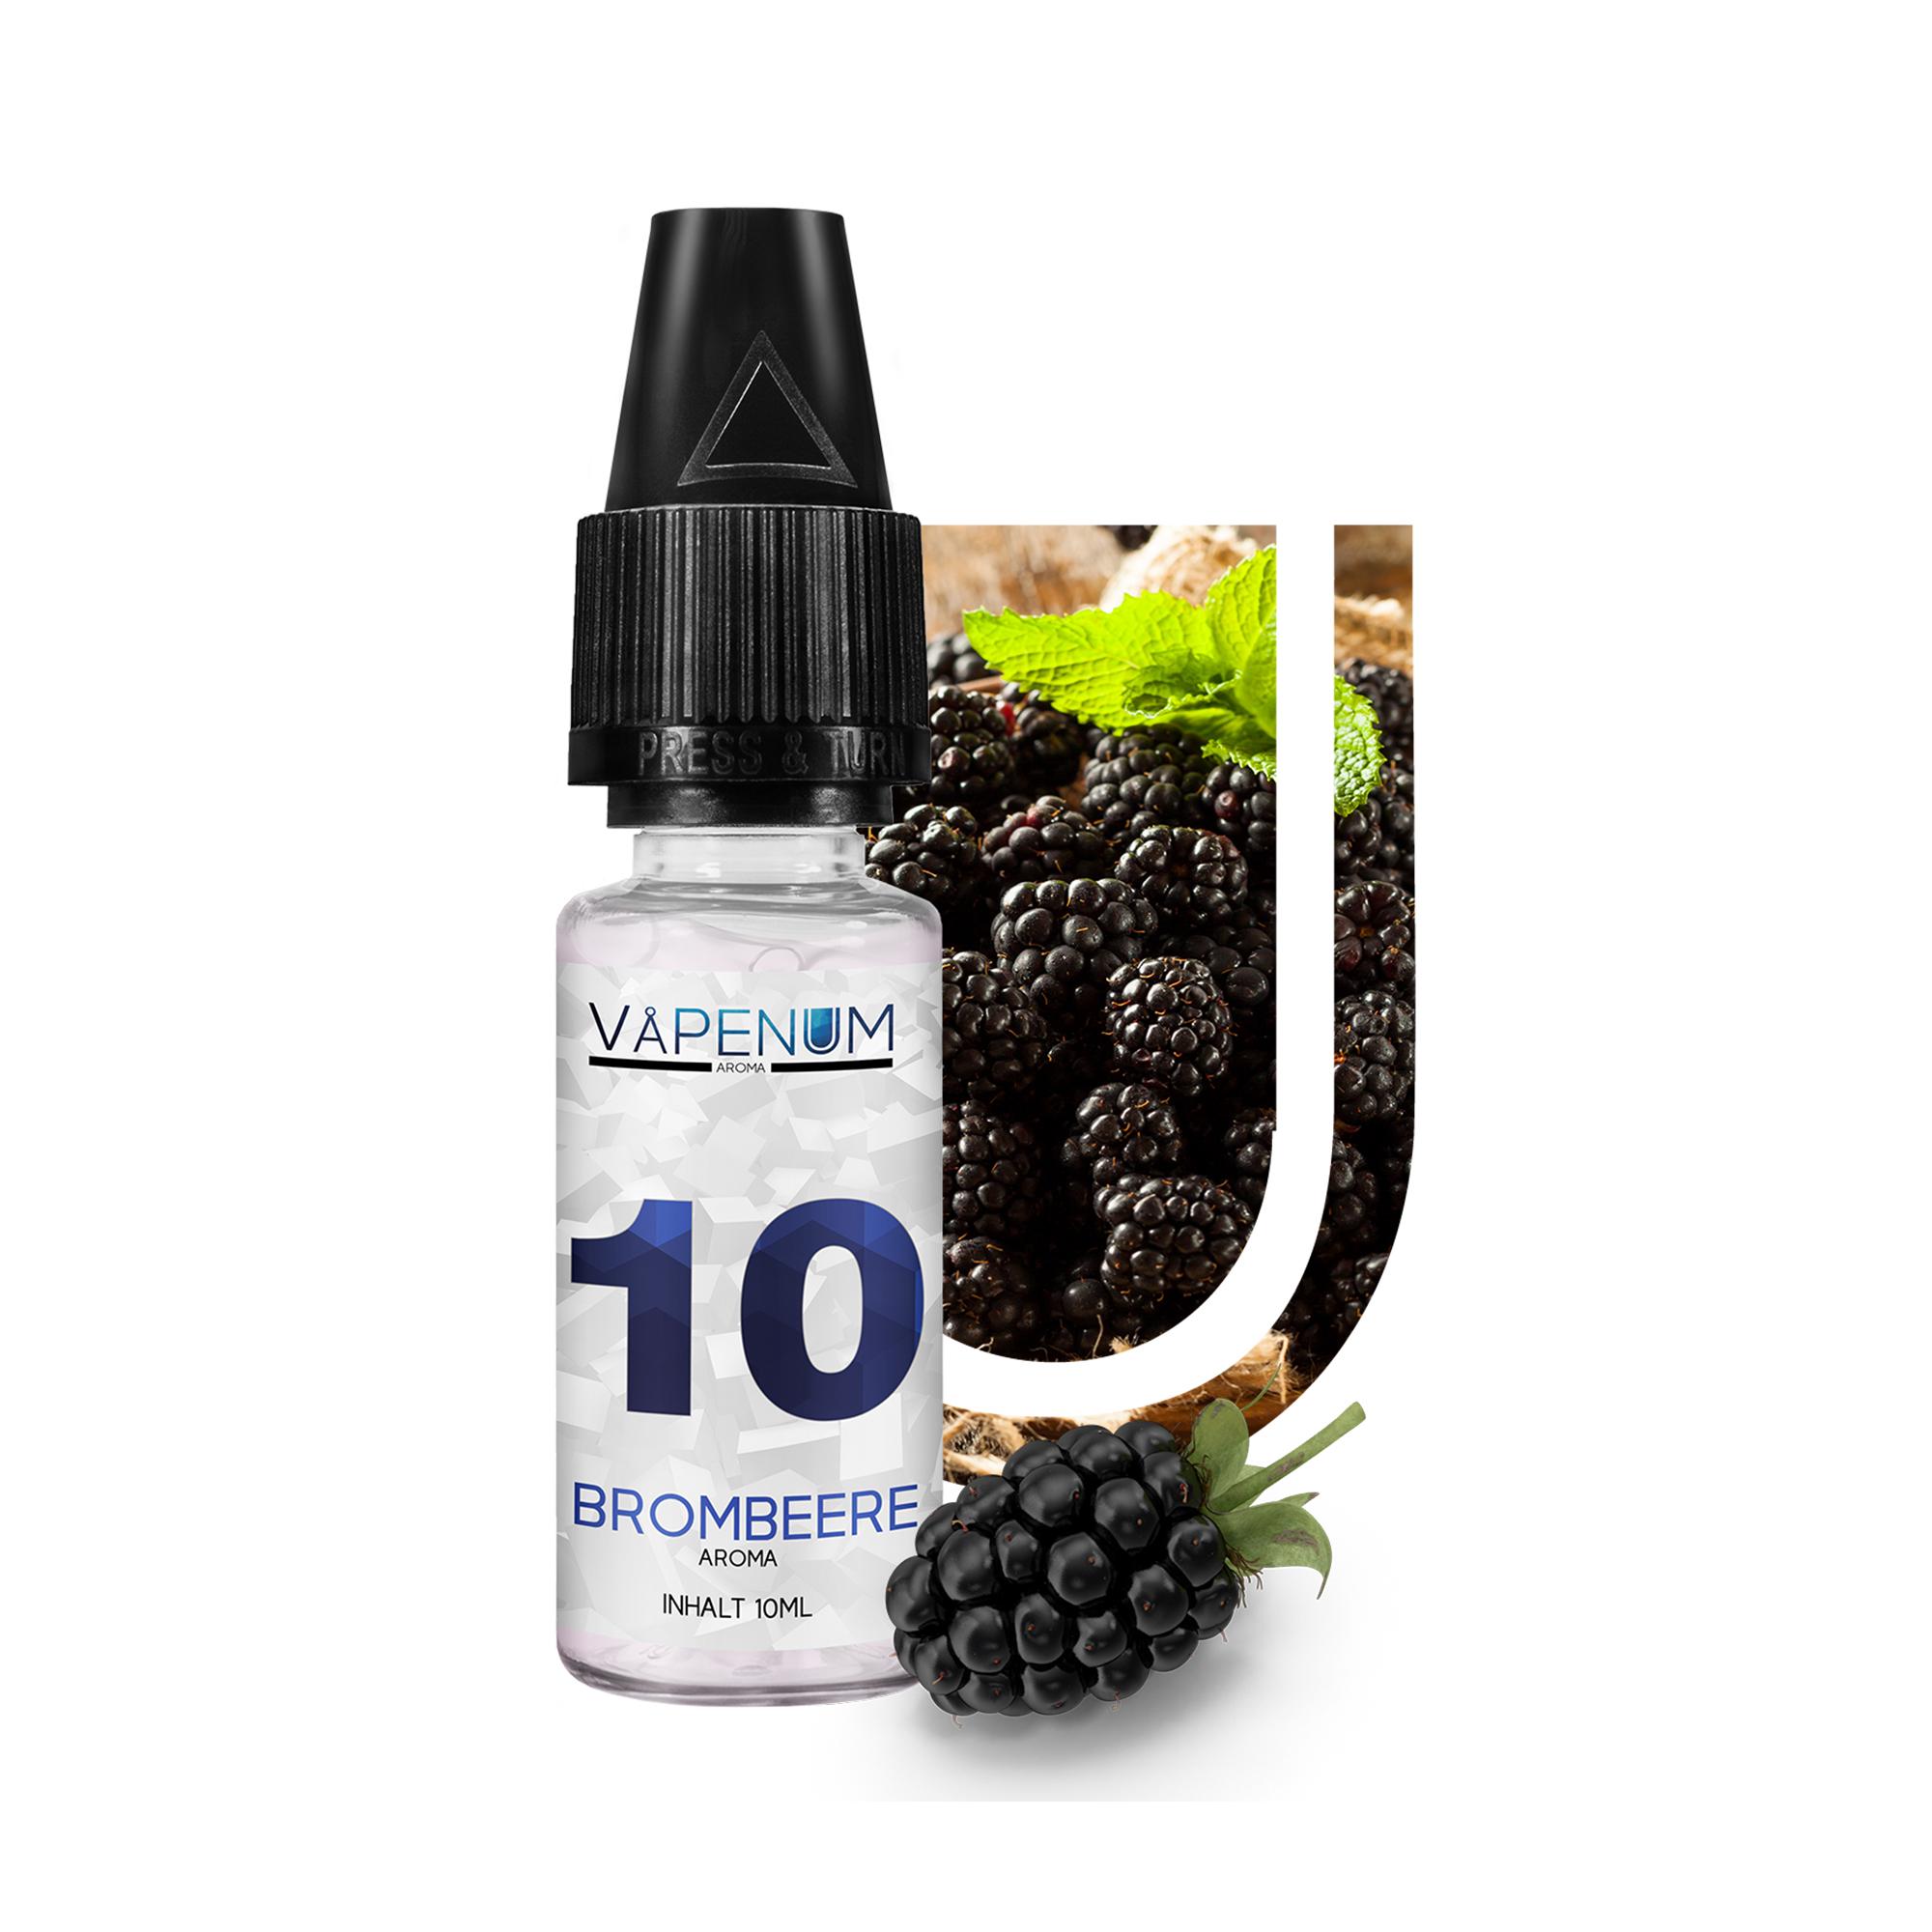 10 - Brombeere Aroma by Vapenum